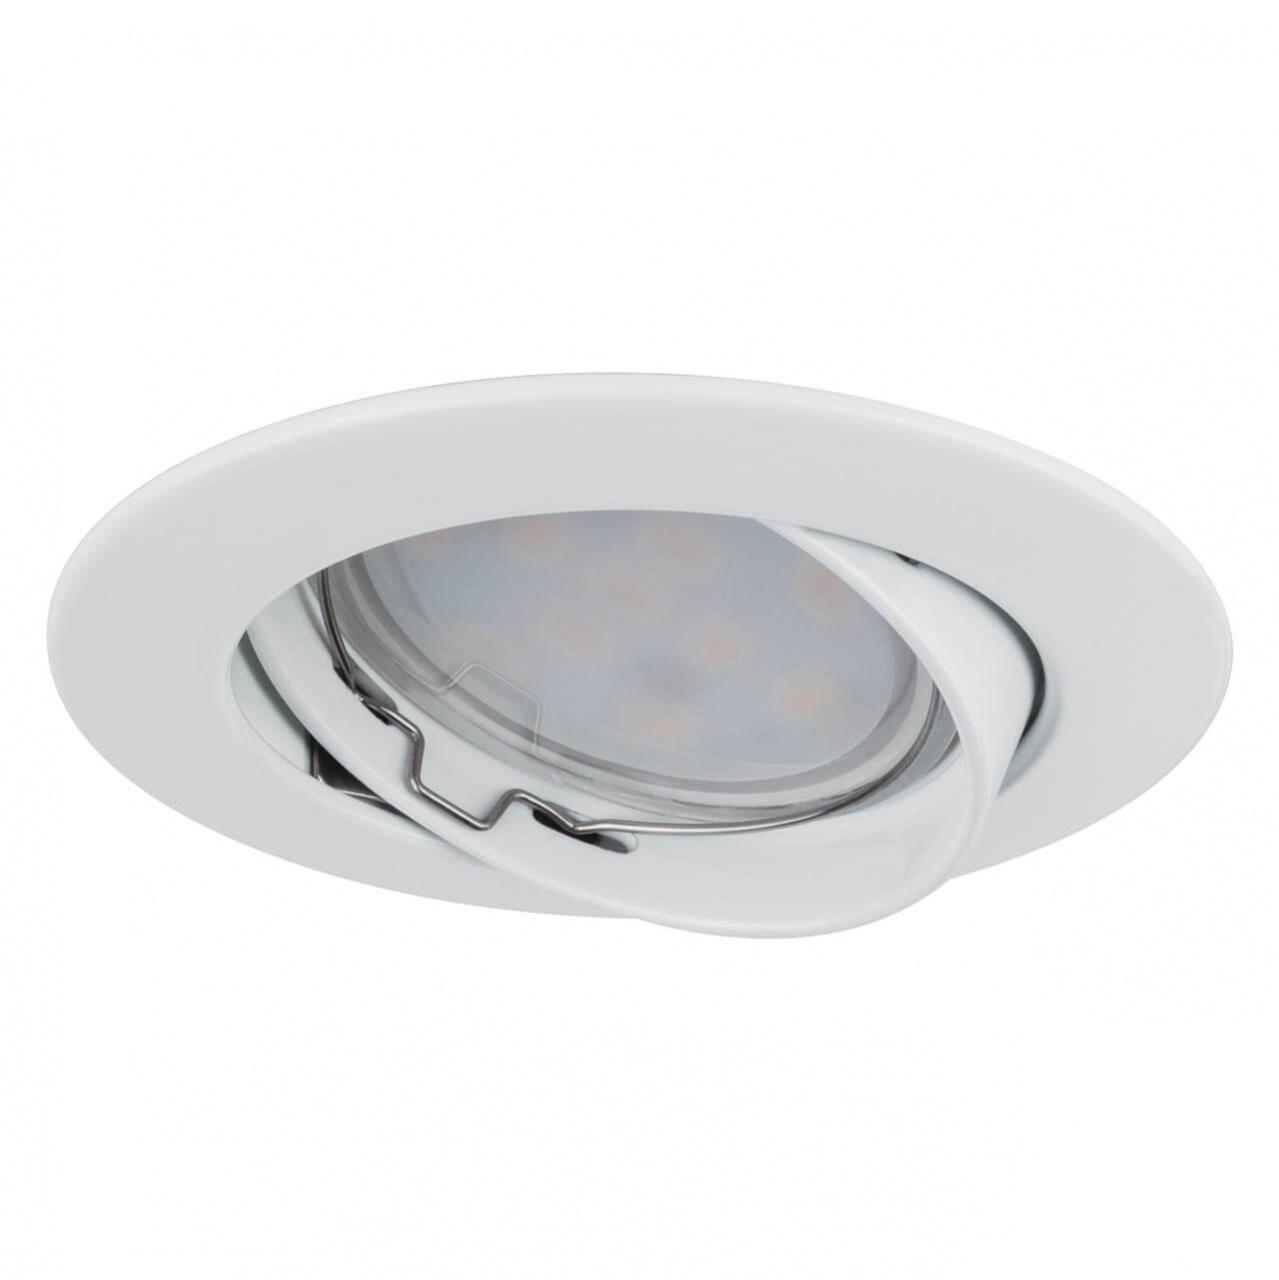 Встраиваемый светодиодный светильник Paulmann Coin 93962 цены